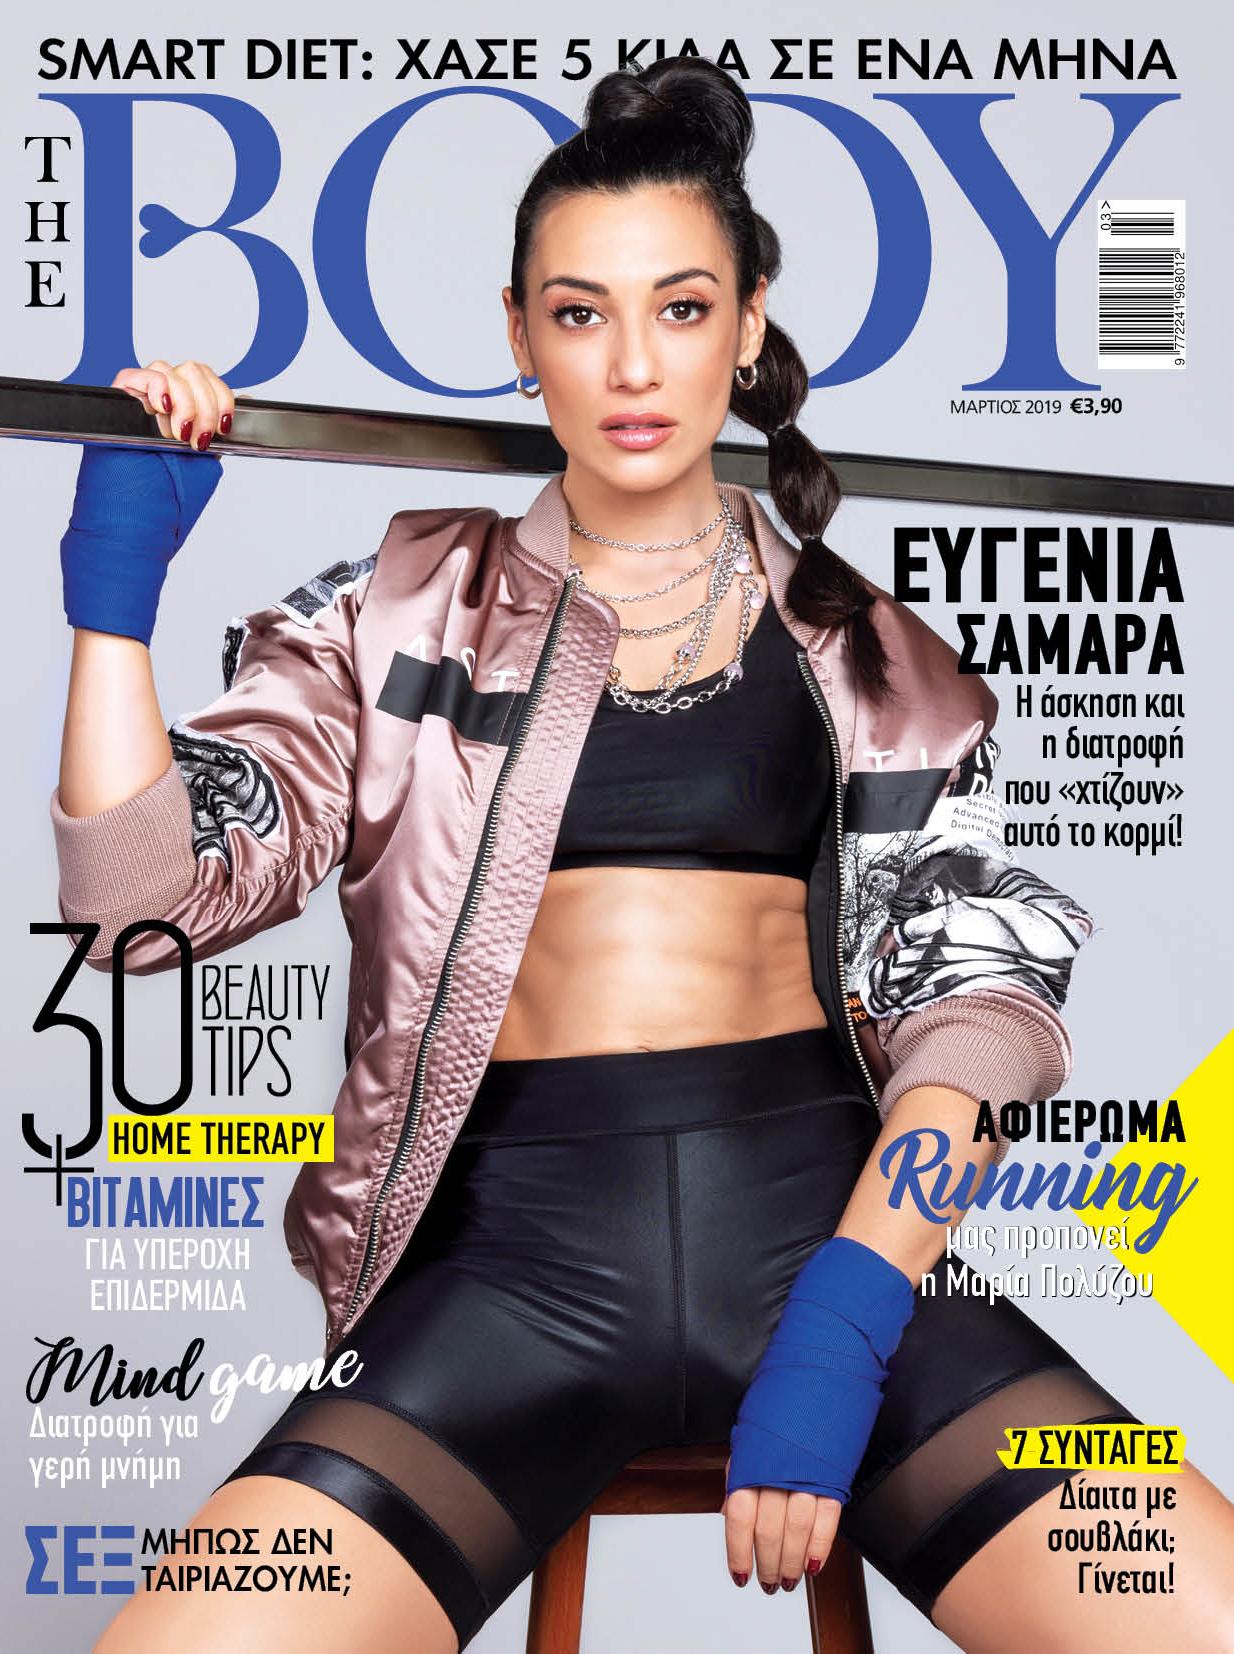 Δεν μπορούμε να υποδεχτούμε την άνοιξη παρά μόνο με ένα τεύχος που τα έχει  όλα! Many thanks Eugenia Samara Dietnet Χριστίνα Μπαλαμώτη Κλινική  Διαιτολόγος ... 4041d50838b